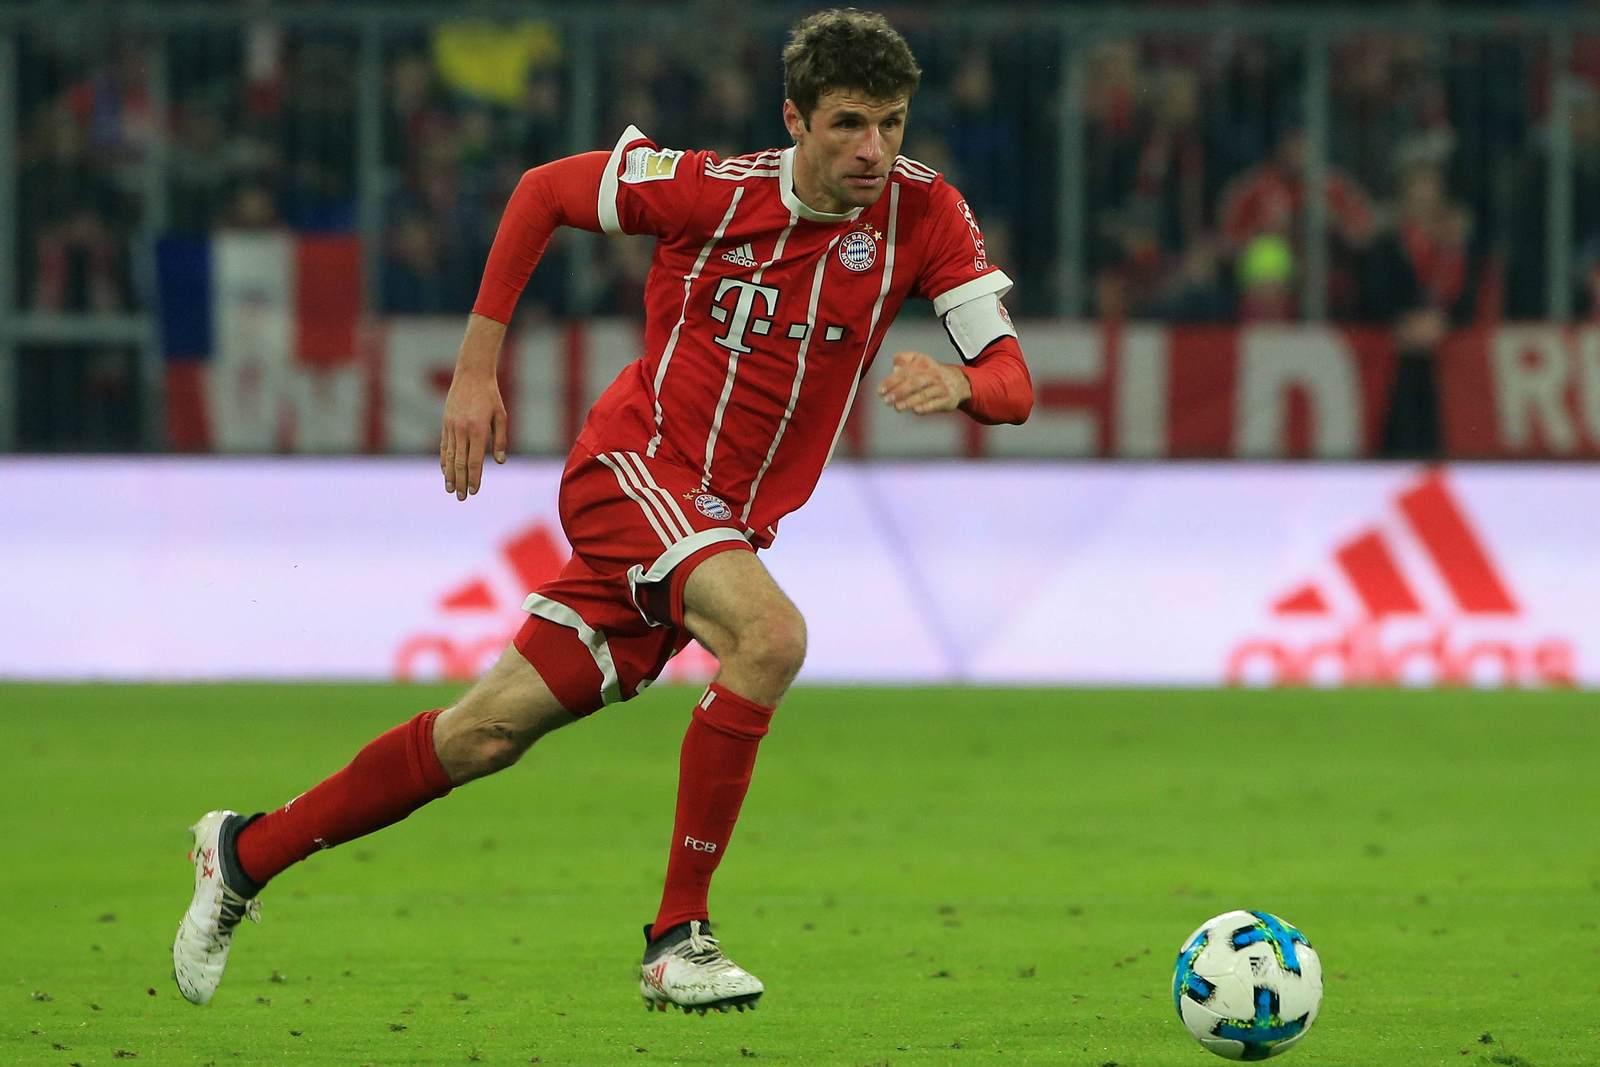 Thomas Müller jagt dem Ball nach. Jetzt auf die Partie Bayern München gegen Düsseldorf wetten